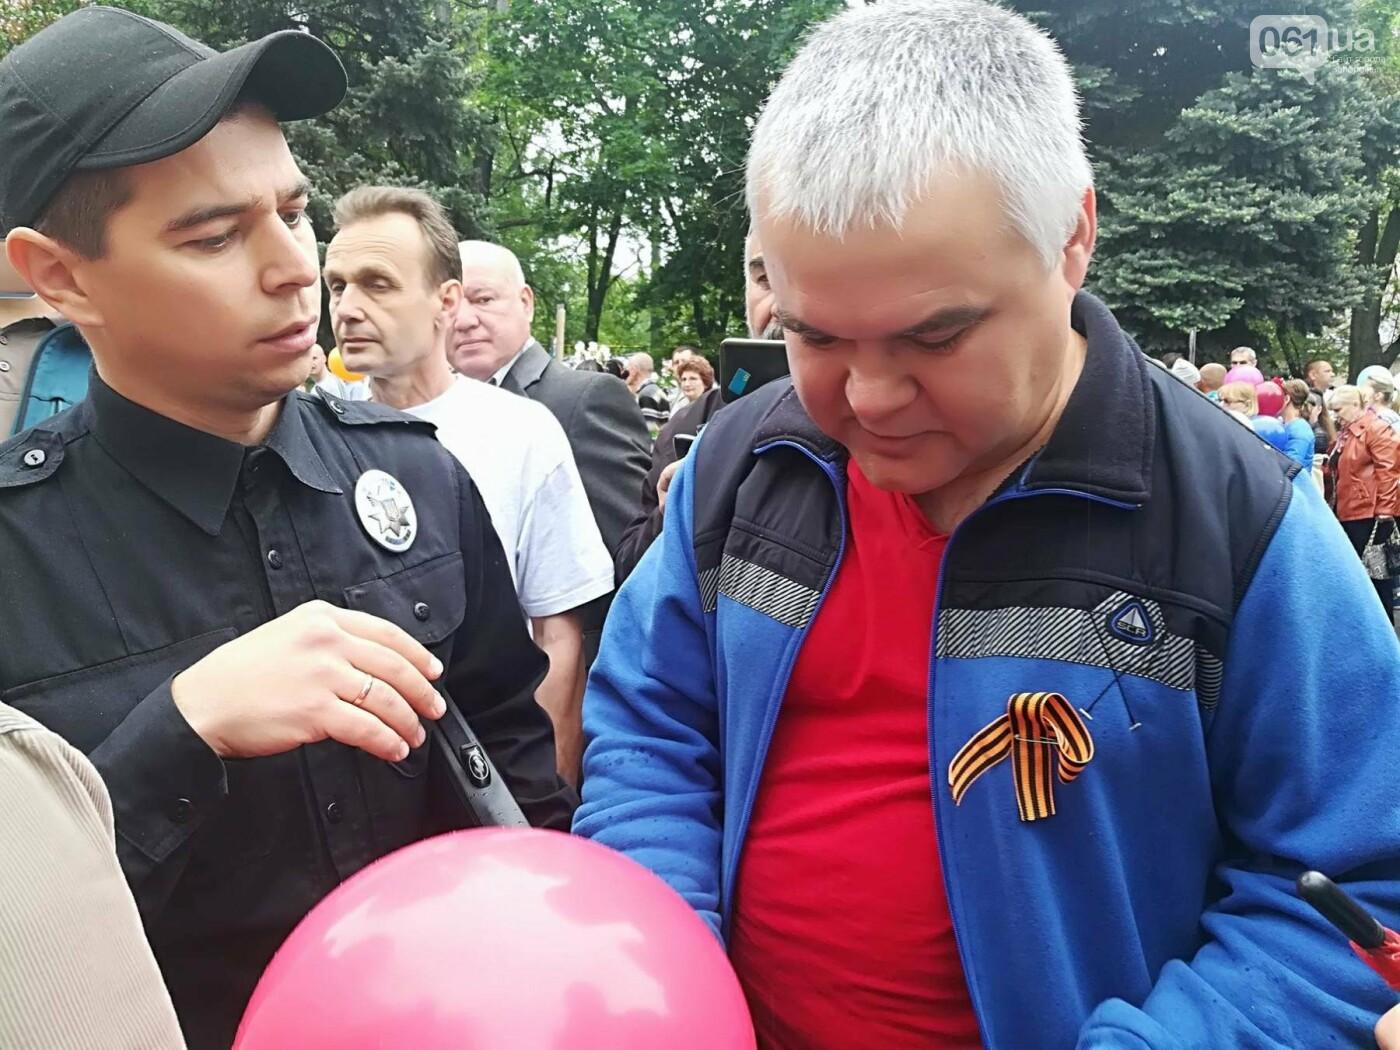 В Мелитополе митинг Балицкого закончился дракой - полиция просила снять георгиевские ленты, - ФОТО, ВИДЕО, фото-8